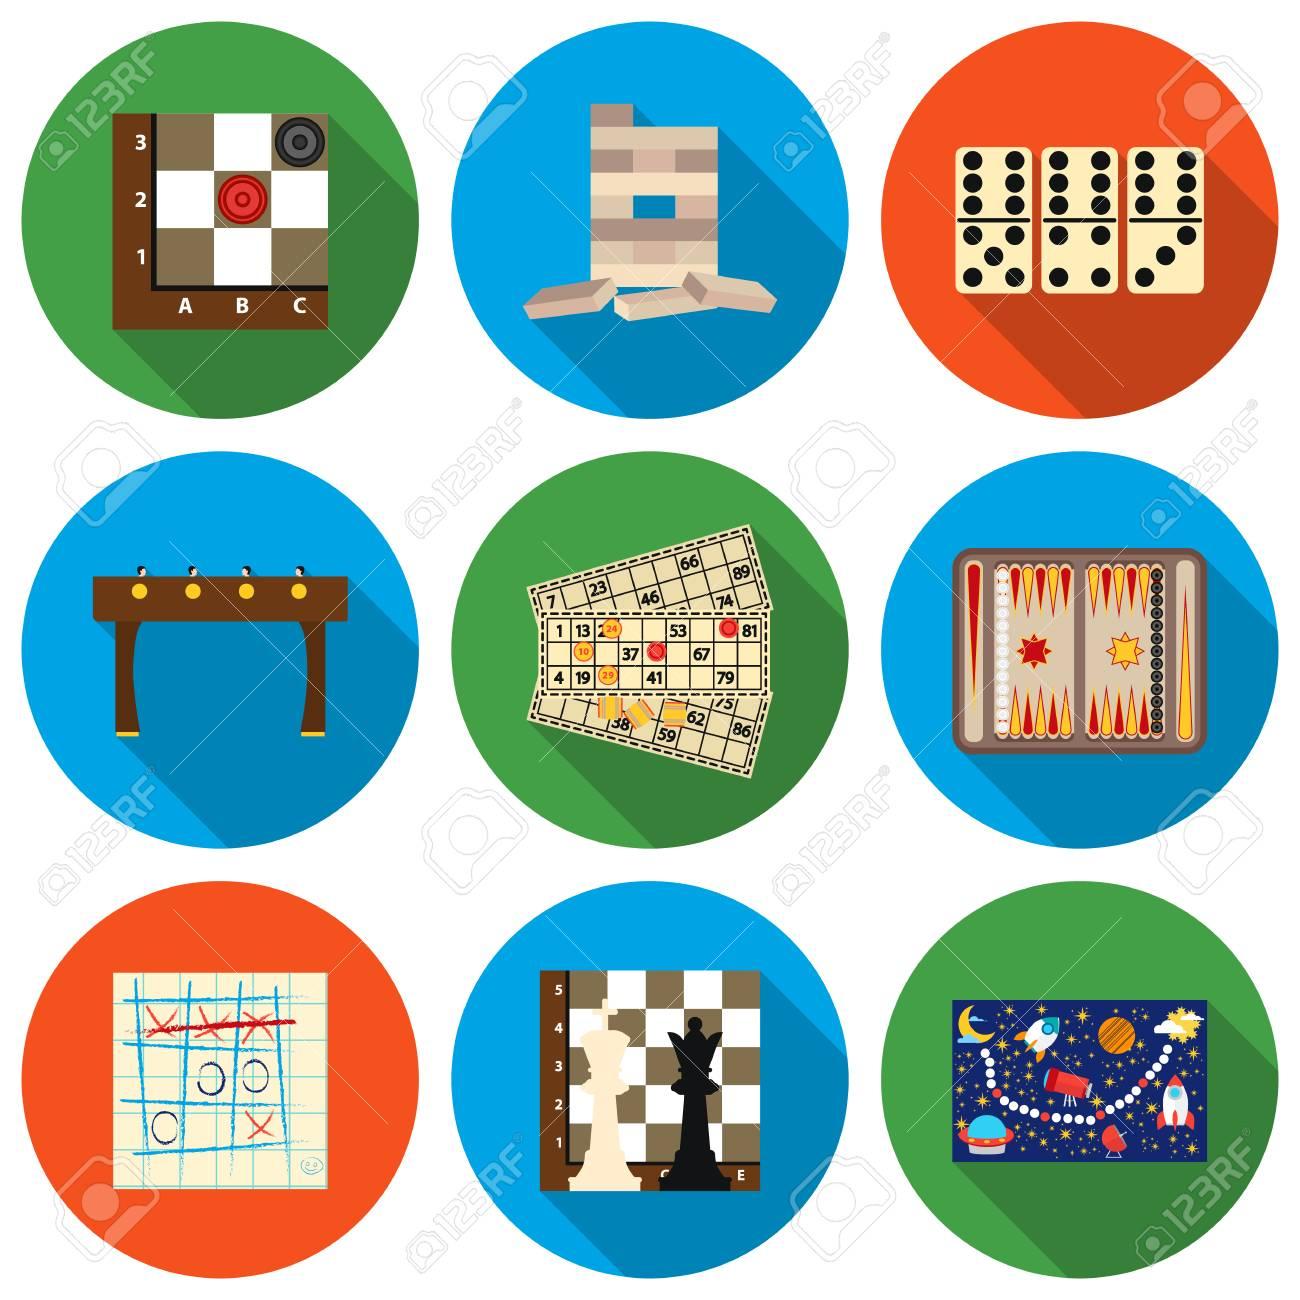 e98e8daa2d3 Foto de archivo - Los juegos de mesa iconos conjunto en estilo plano.  Grandes juegos de mesa colección de símbolos del vector stock